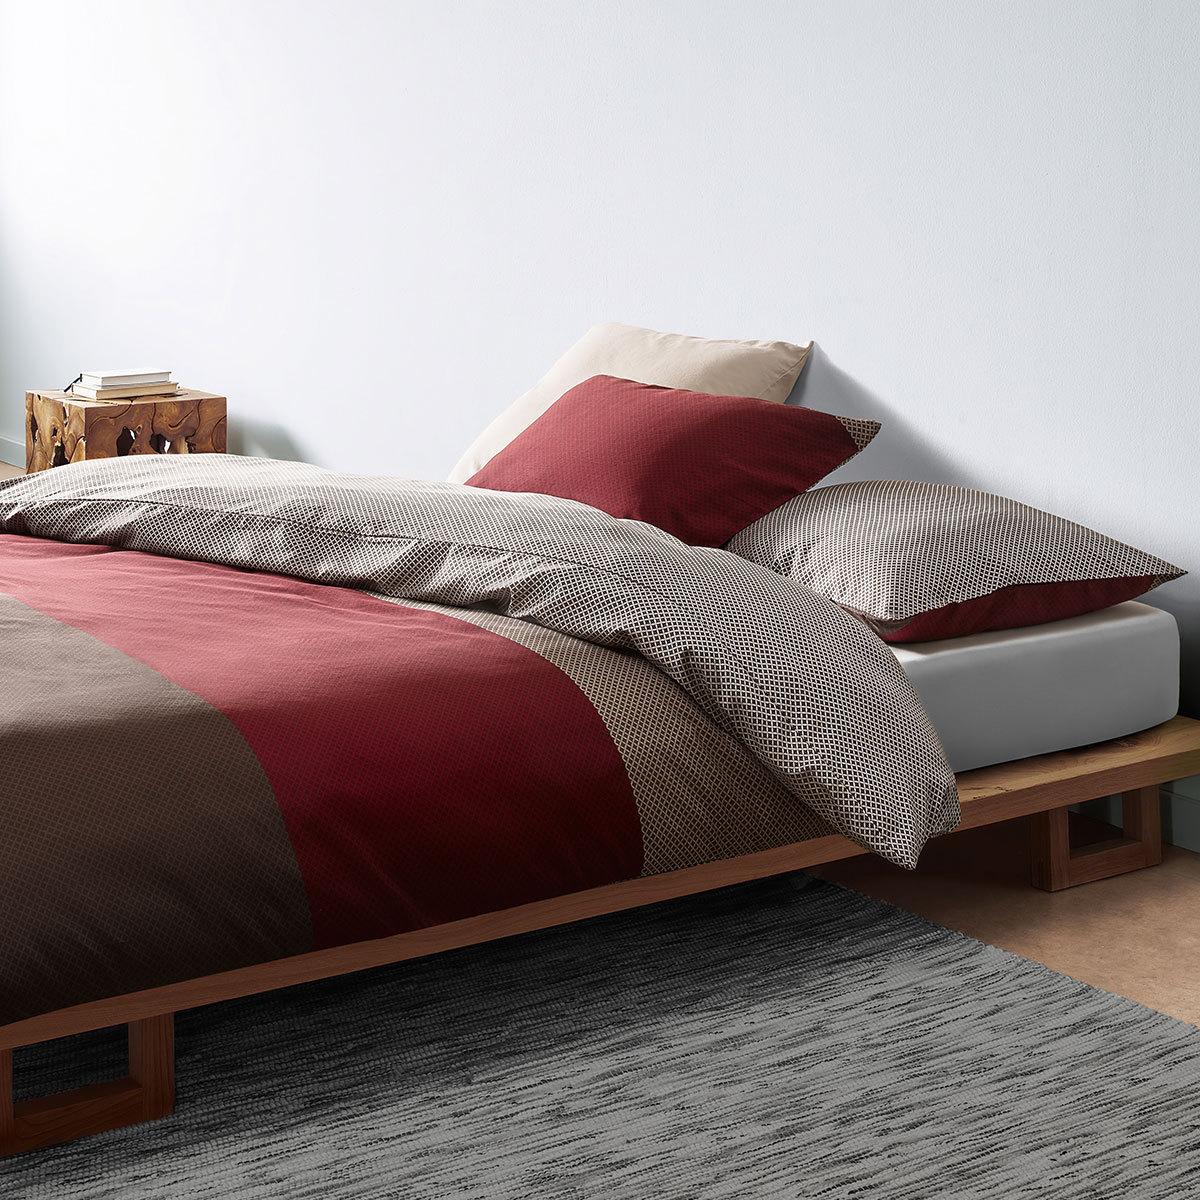 marc o polo mako satin bettw sche vlora multi g nstig online kaufen bei bettwaren shop. Black Bedroom Furniture Sets. Home Design Ideas